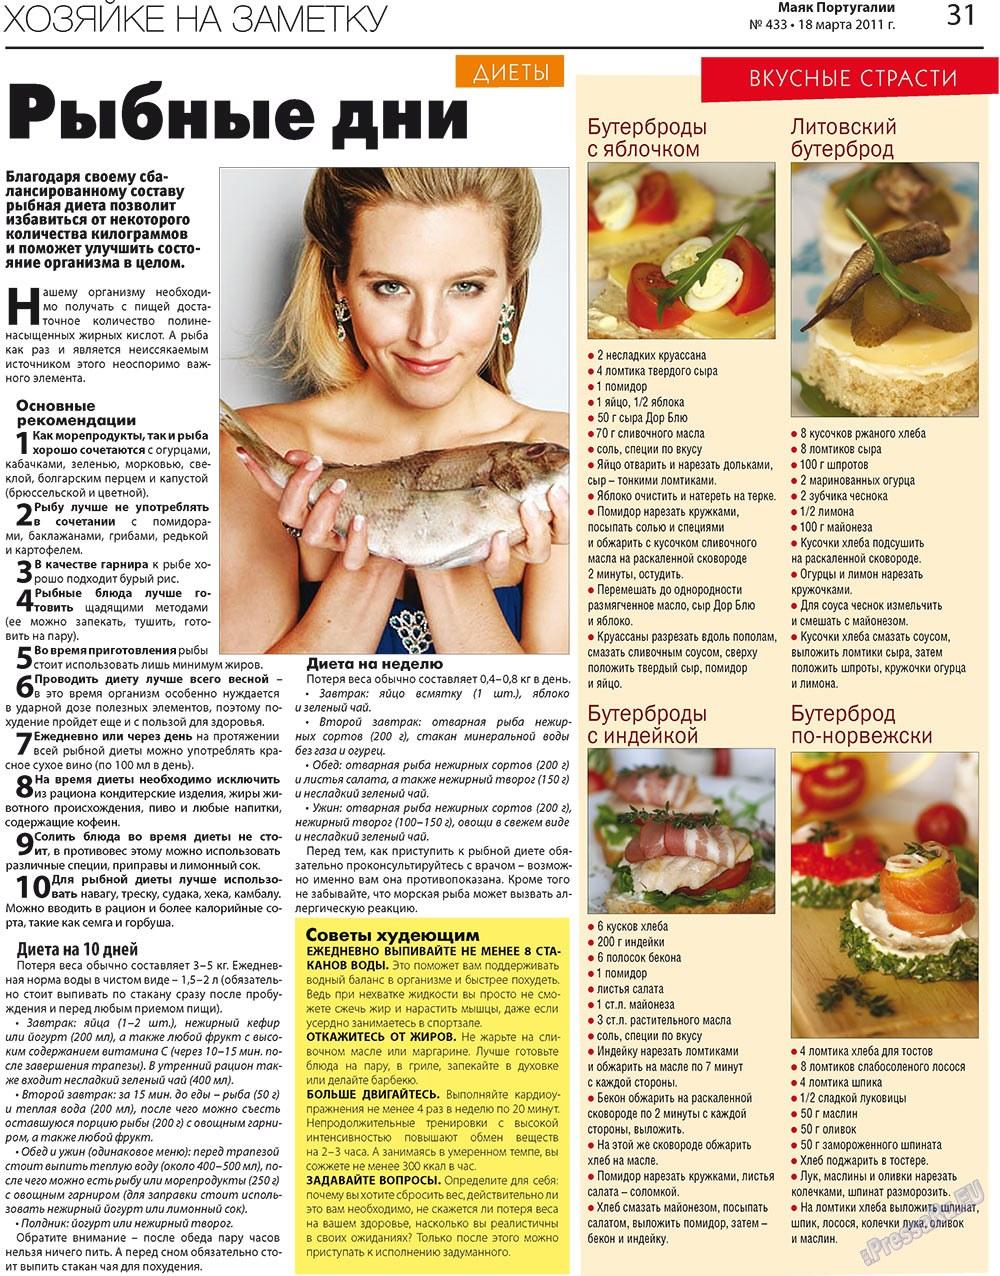 Какие рыбы можно есть во время диеты